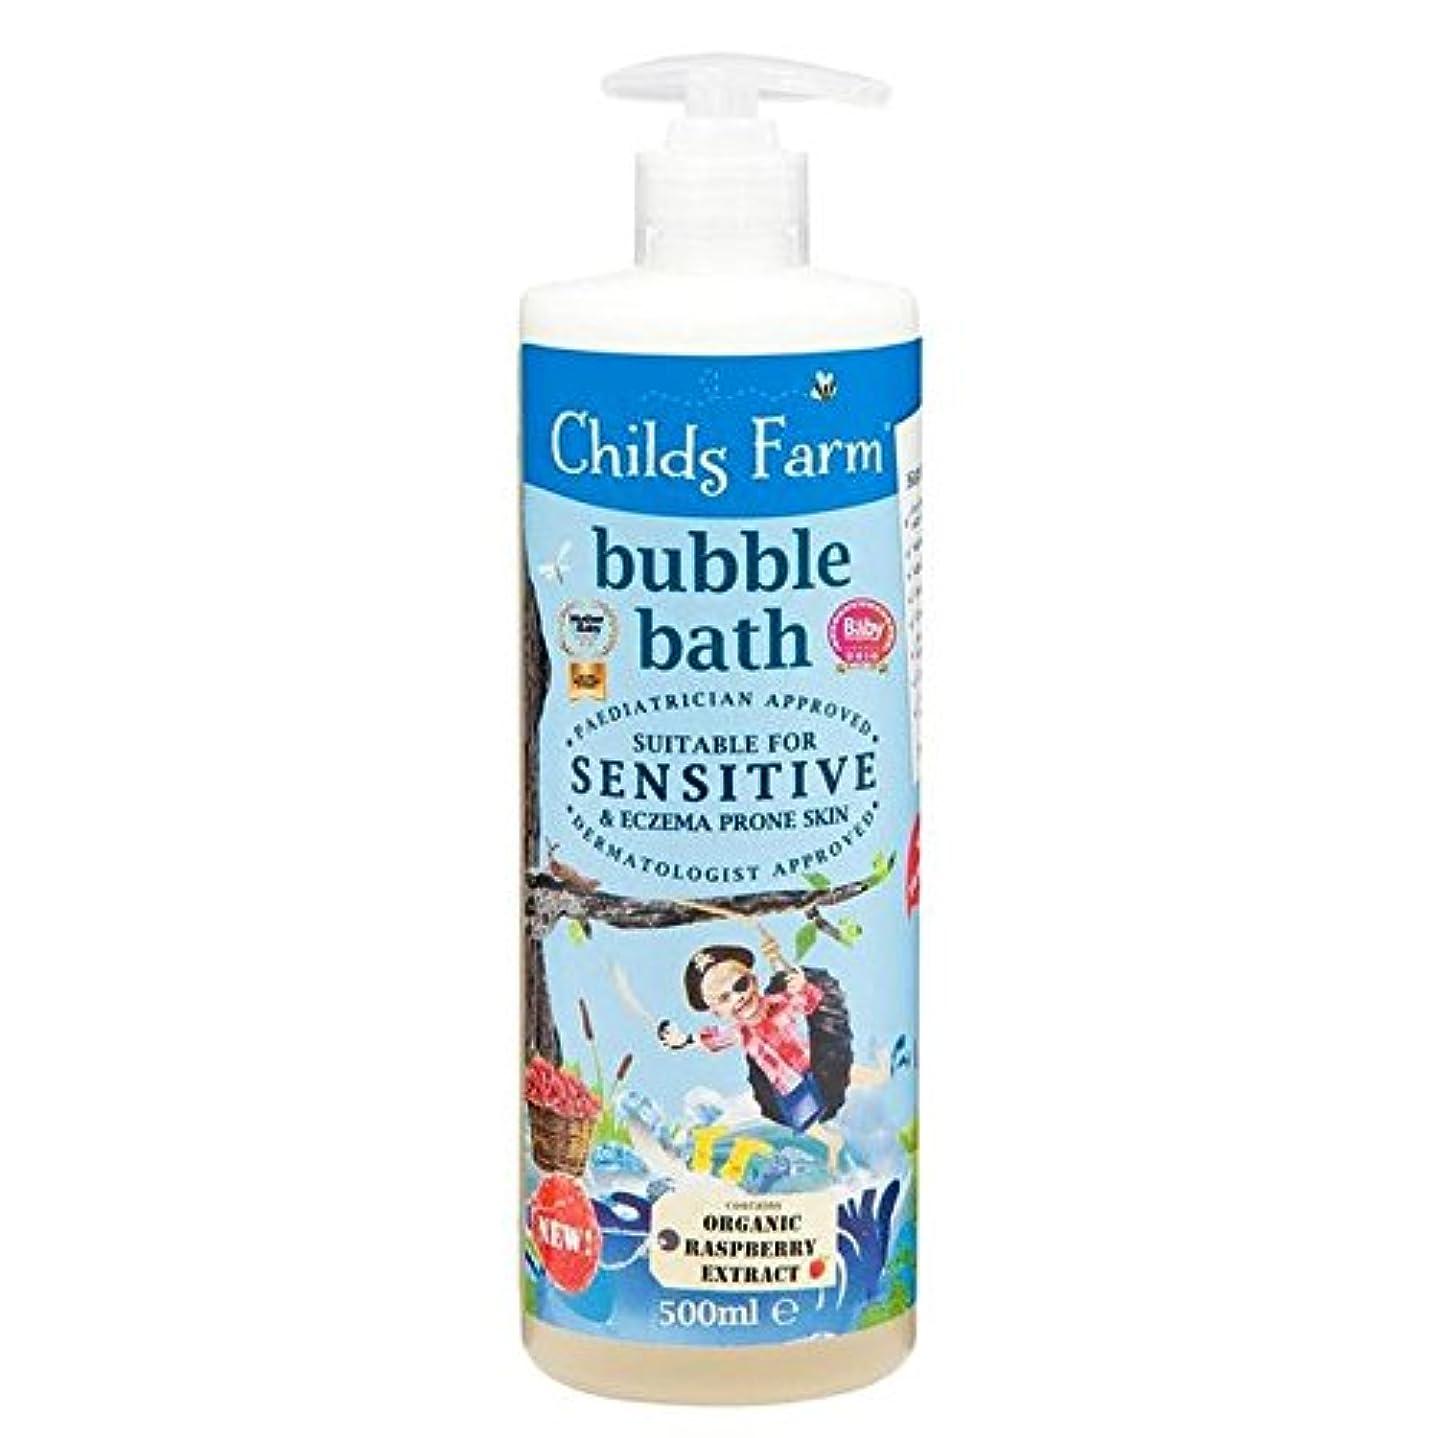 共同選択ハーブ夫婦500ミリリットルのための農場の泡風呂をチャイルズ x4 - Childs Farm Bubble Bath for Bucaneers 500ml (Pack of 4) [並行輸入品]